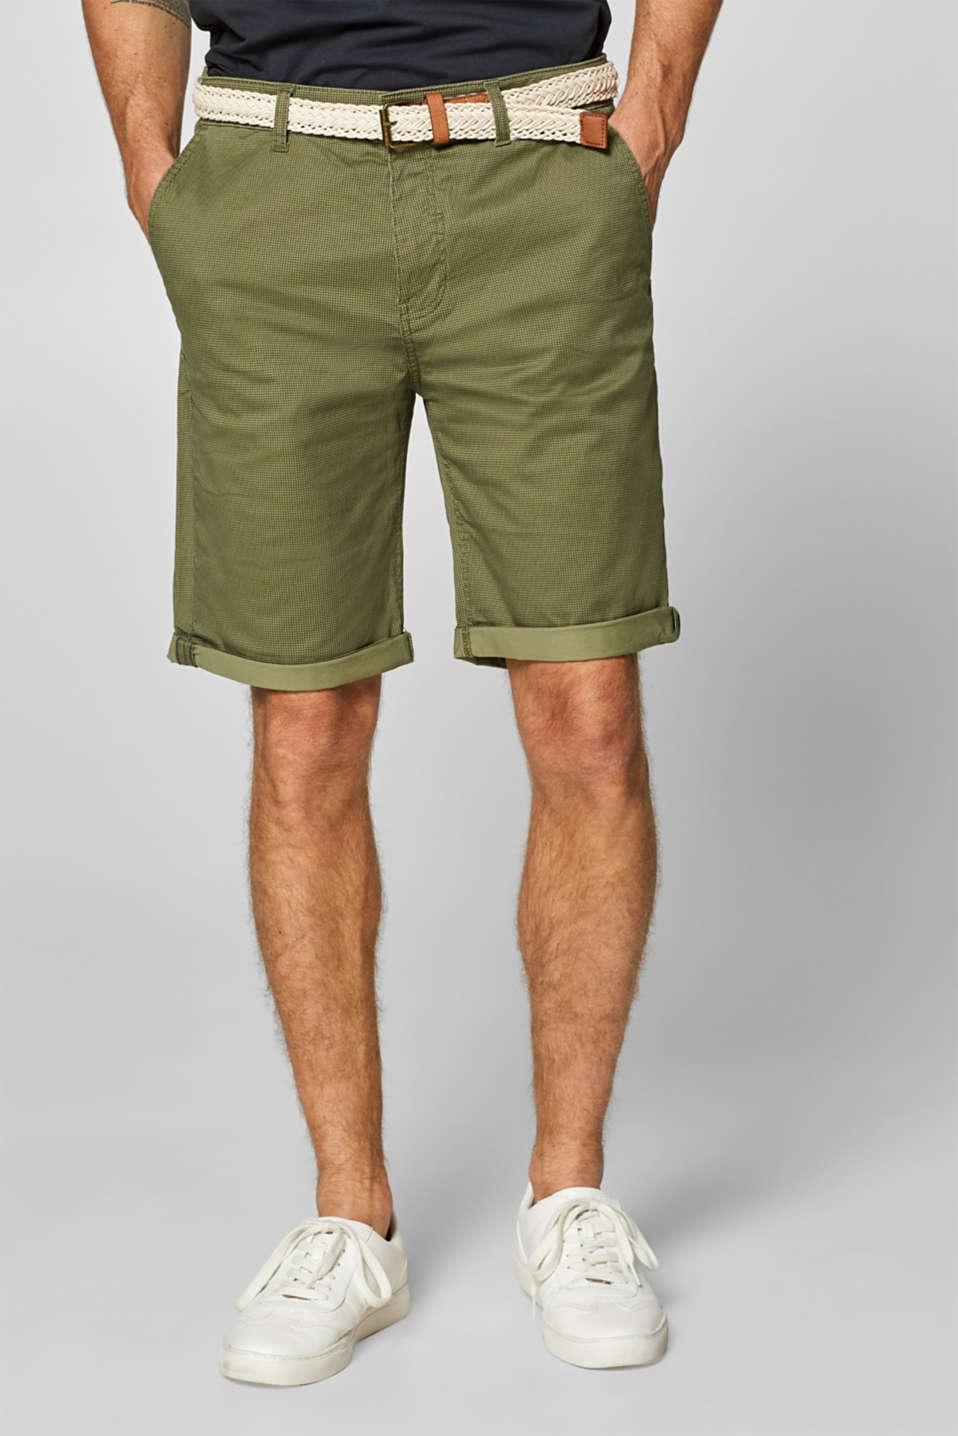 c5c8795704a Esprit – Bavlněné šortky s bio bavlnou v našem on-line shopu